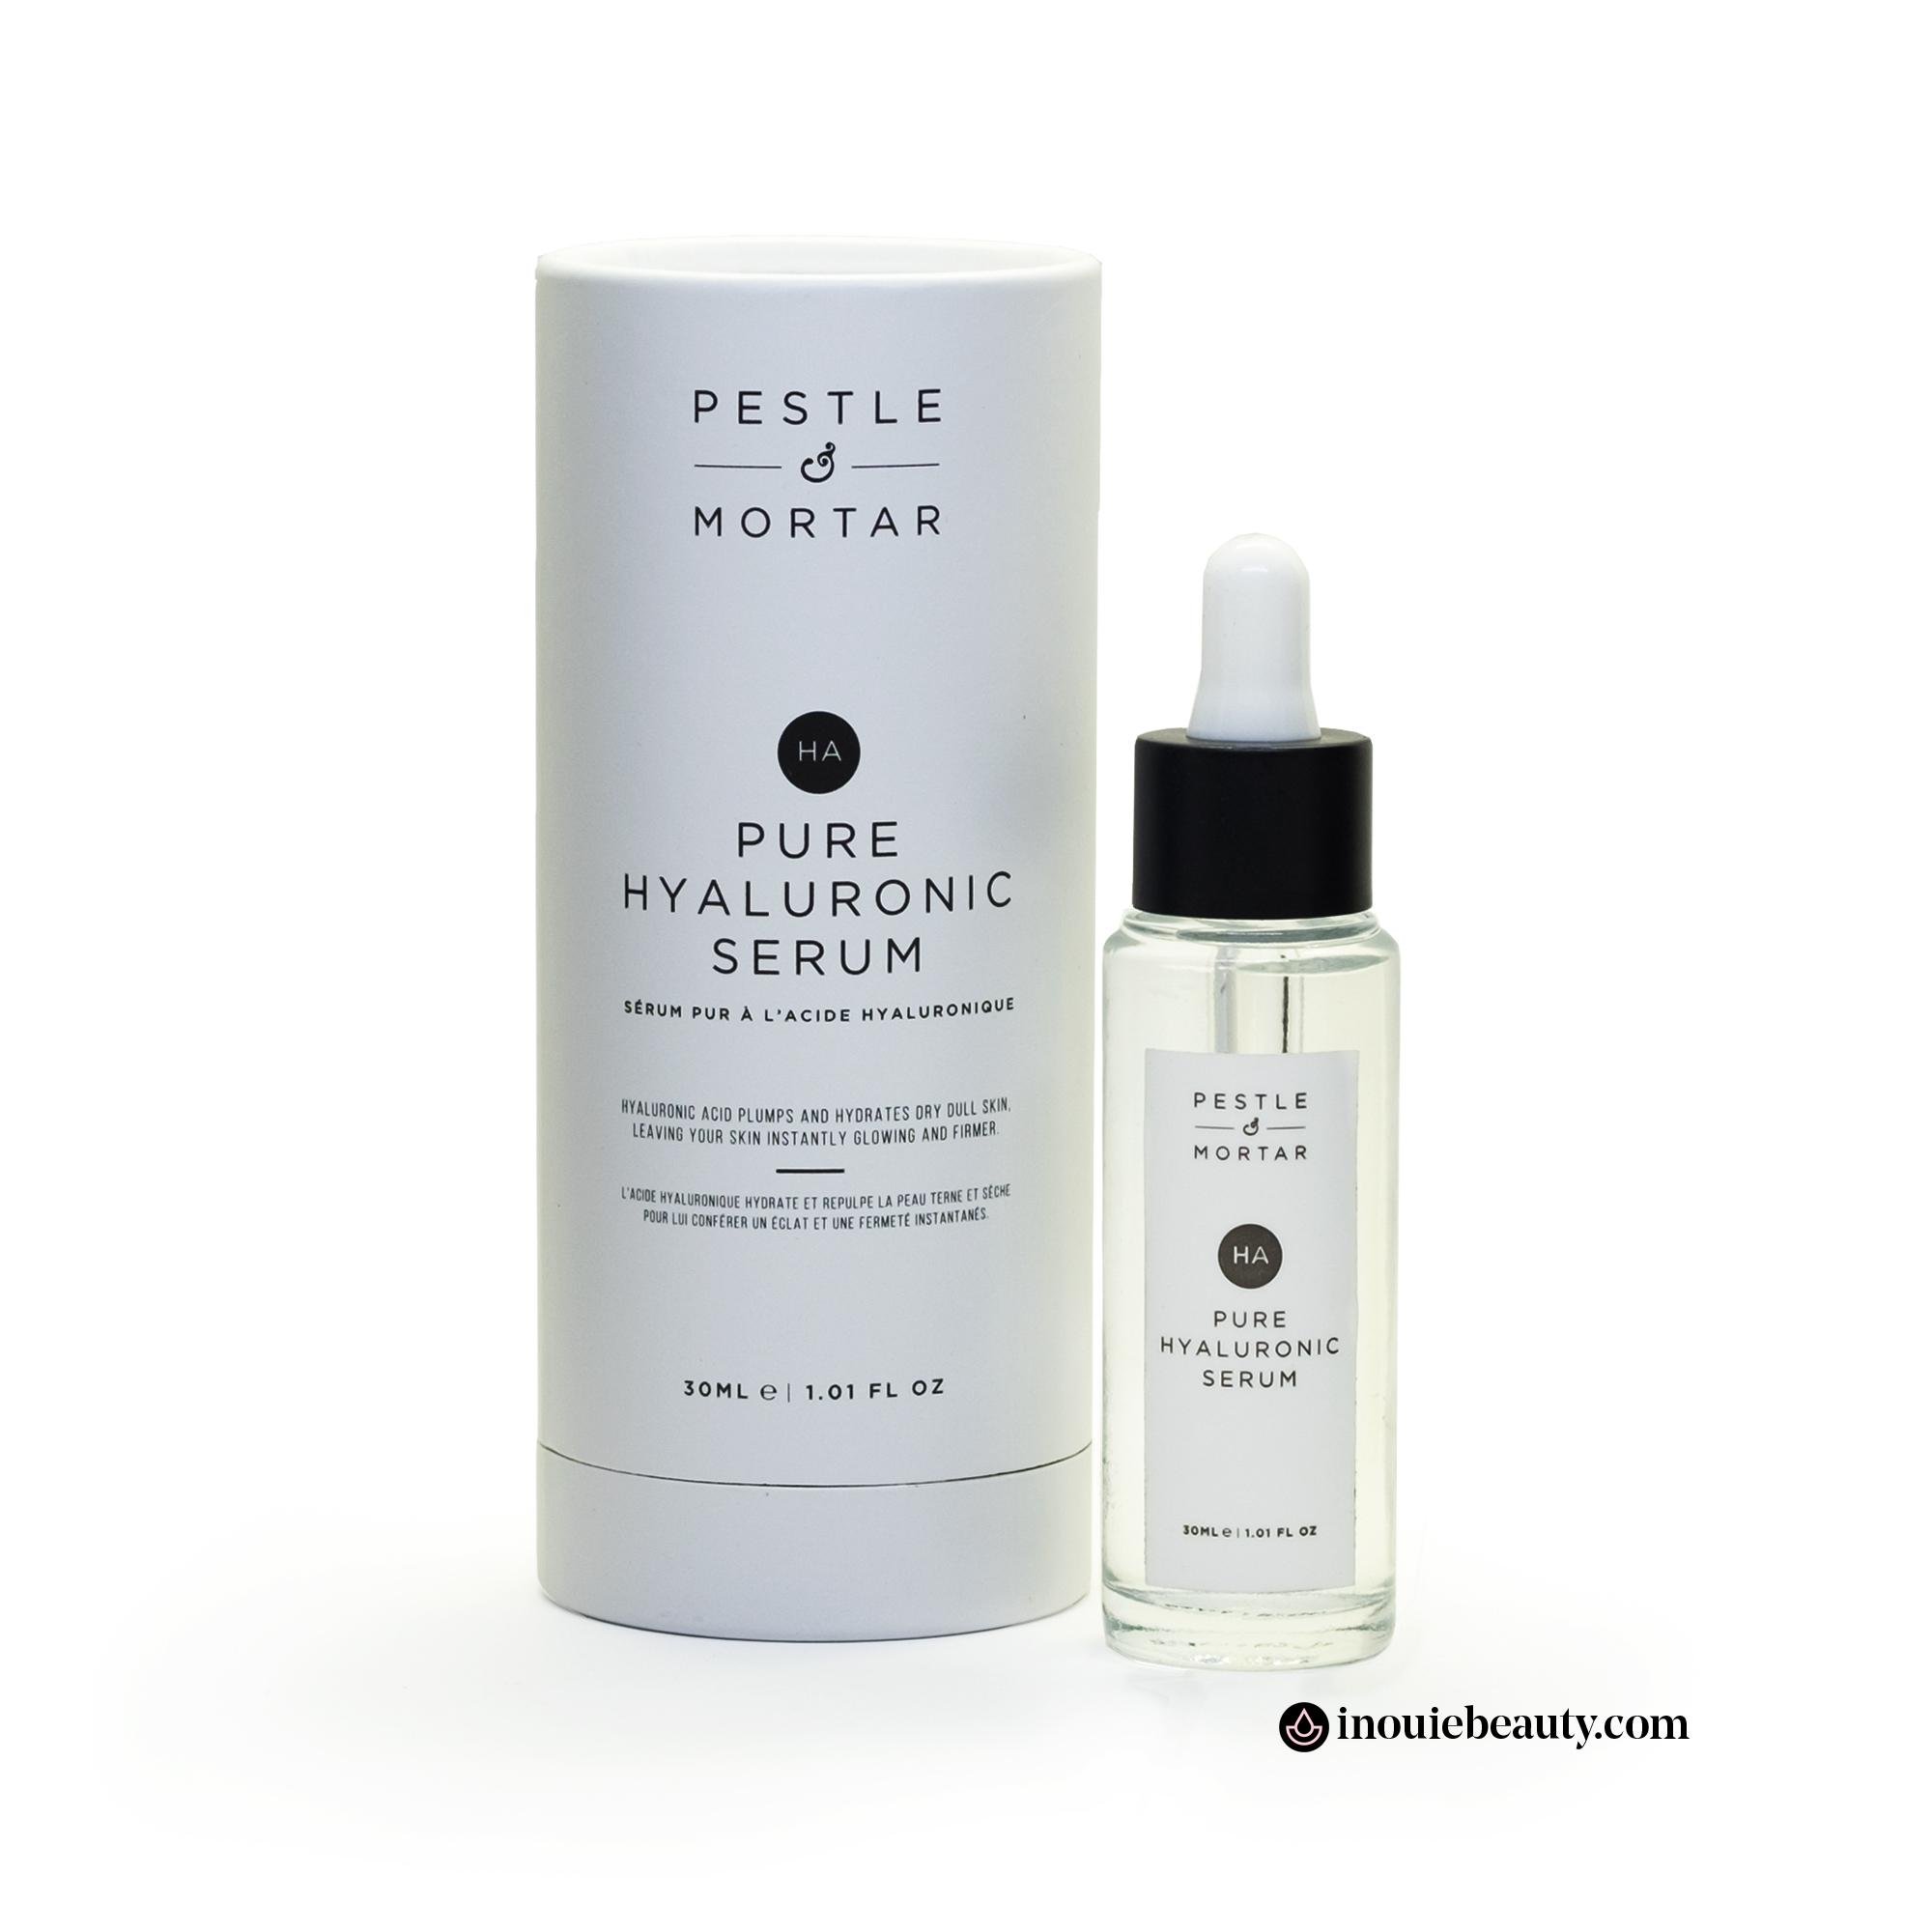 Pestle & Mortar Pure Hyaluronic Serum (com entrega a partir do dia 12 de Maio*)